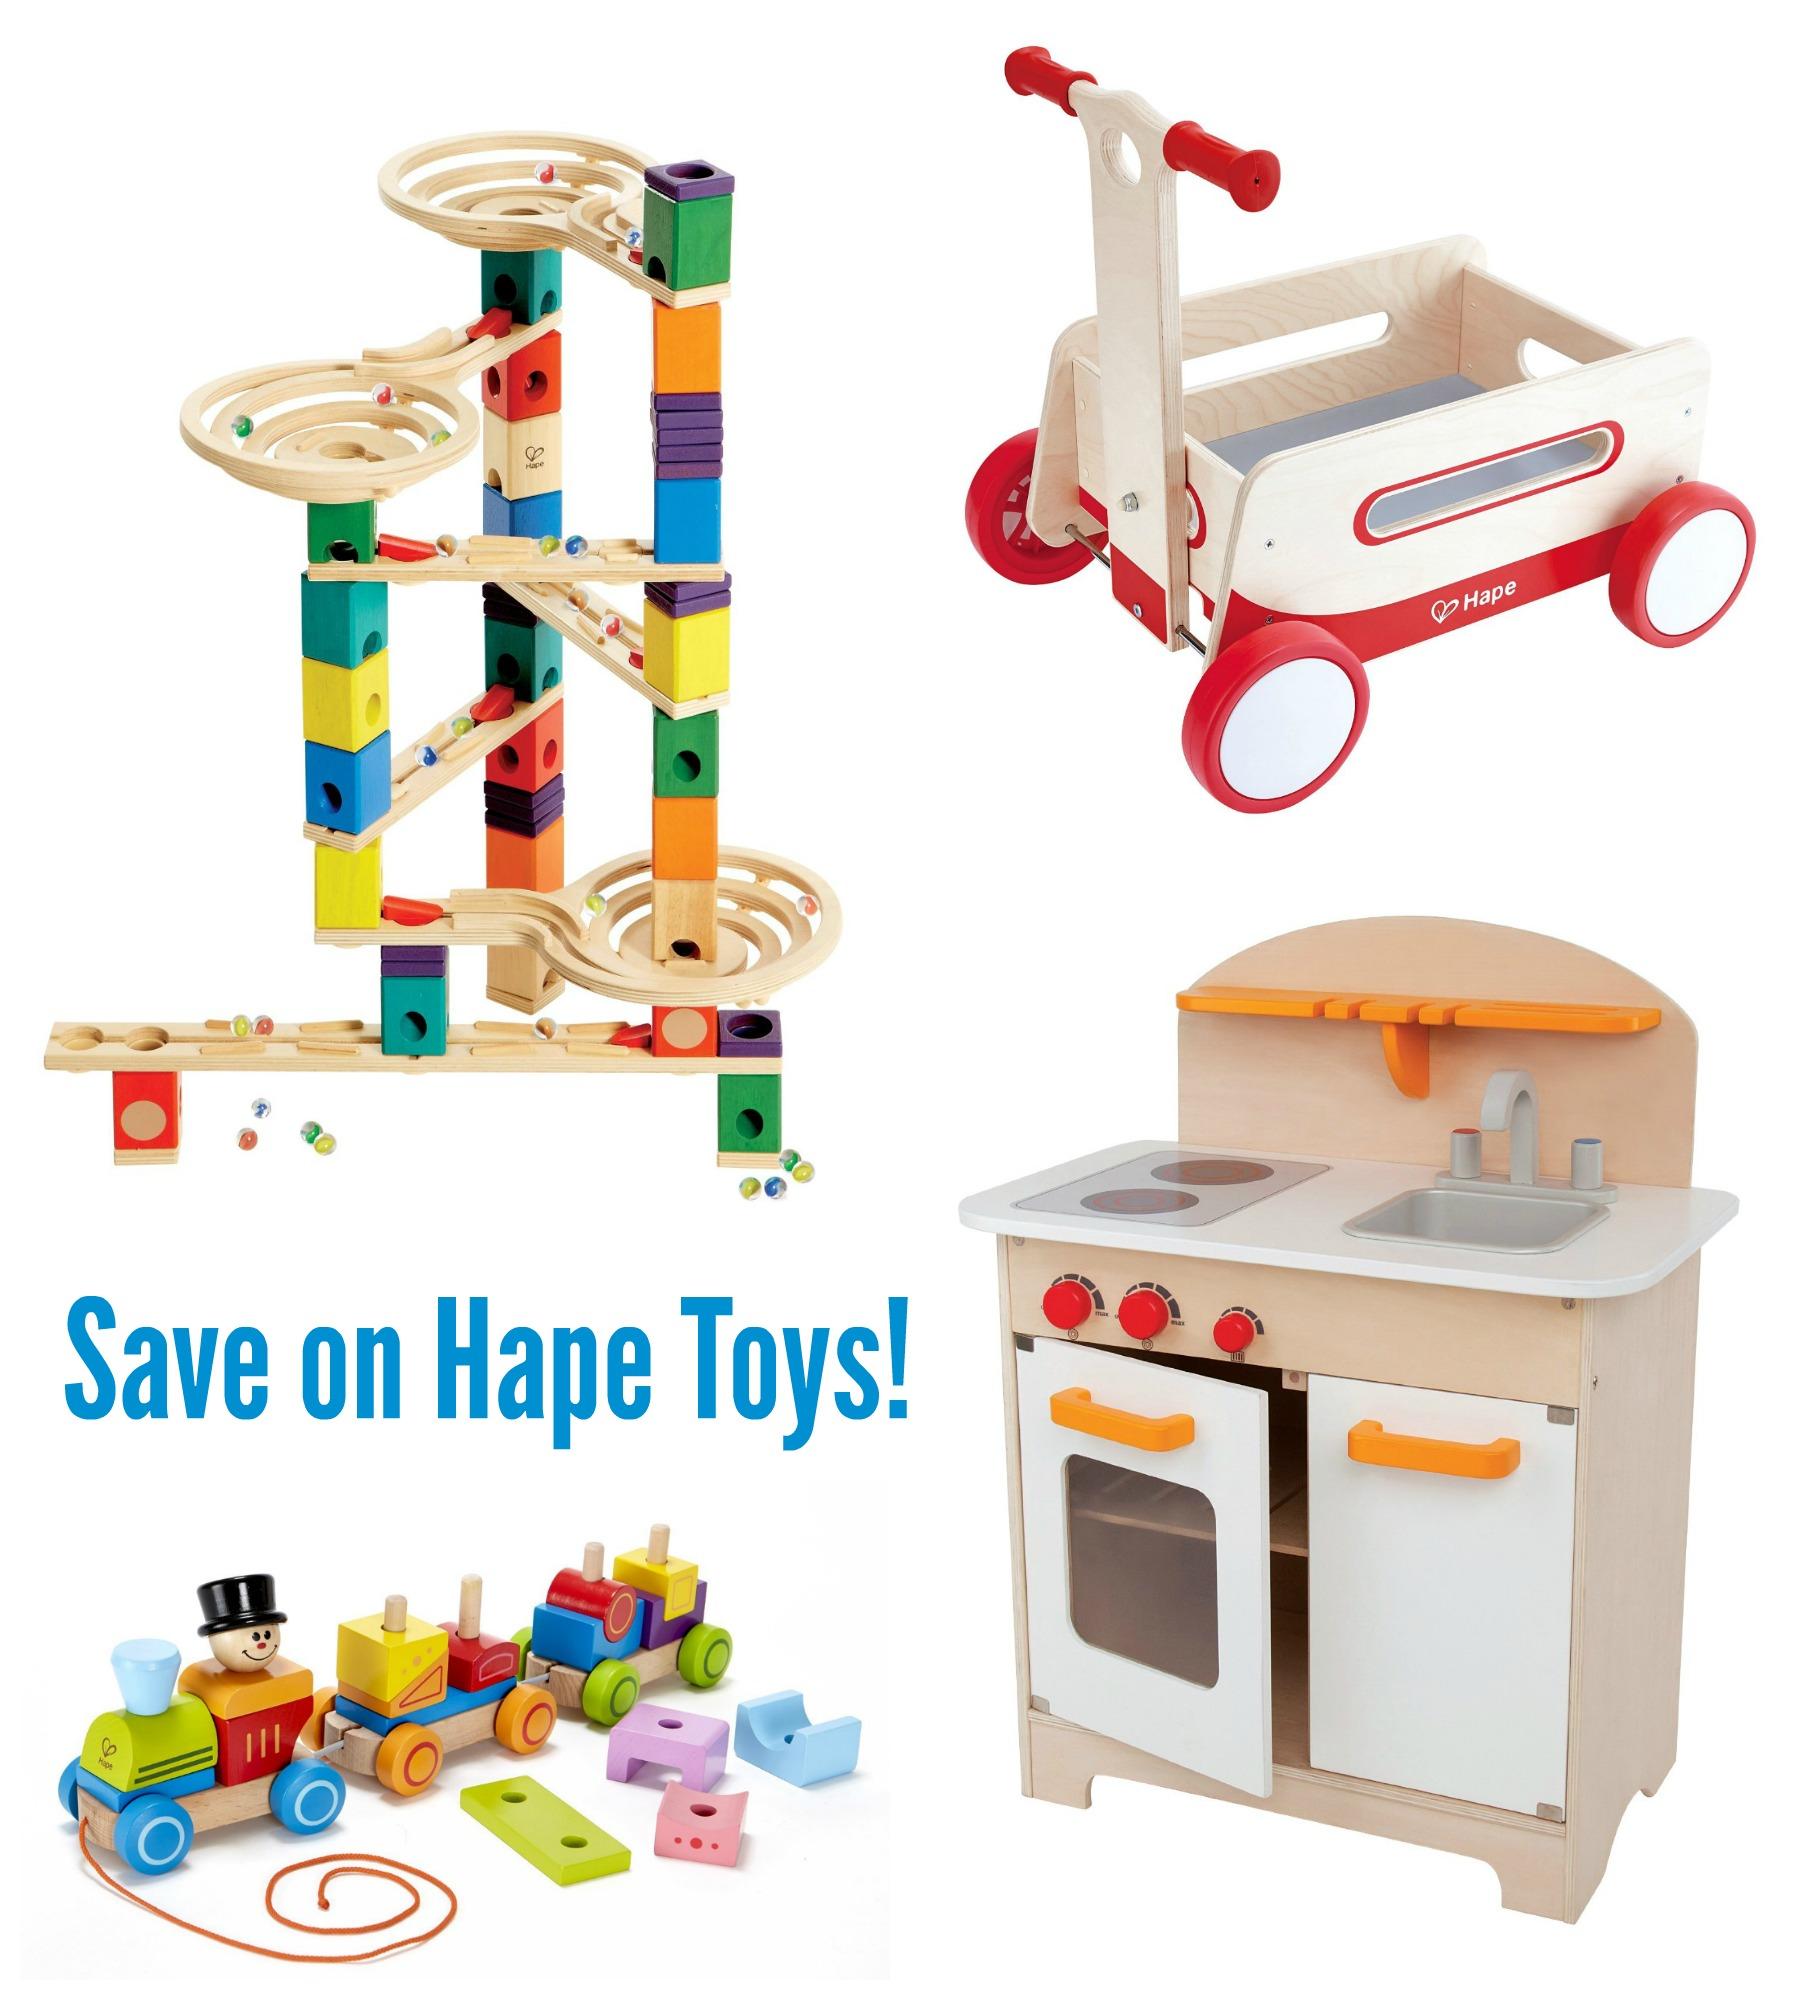 Save on Hape Toys